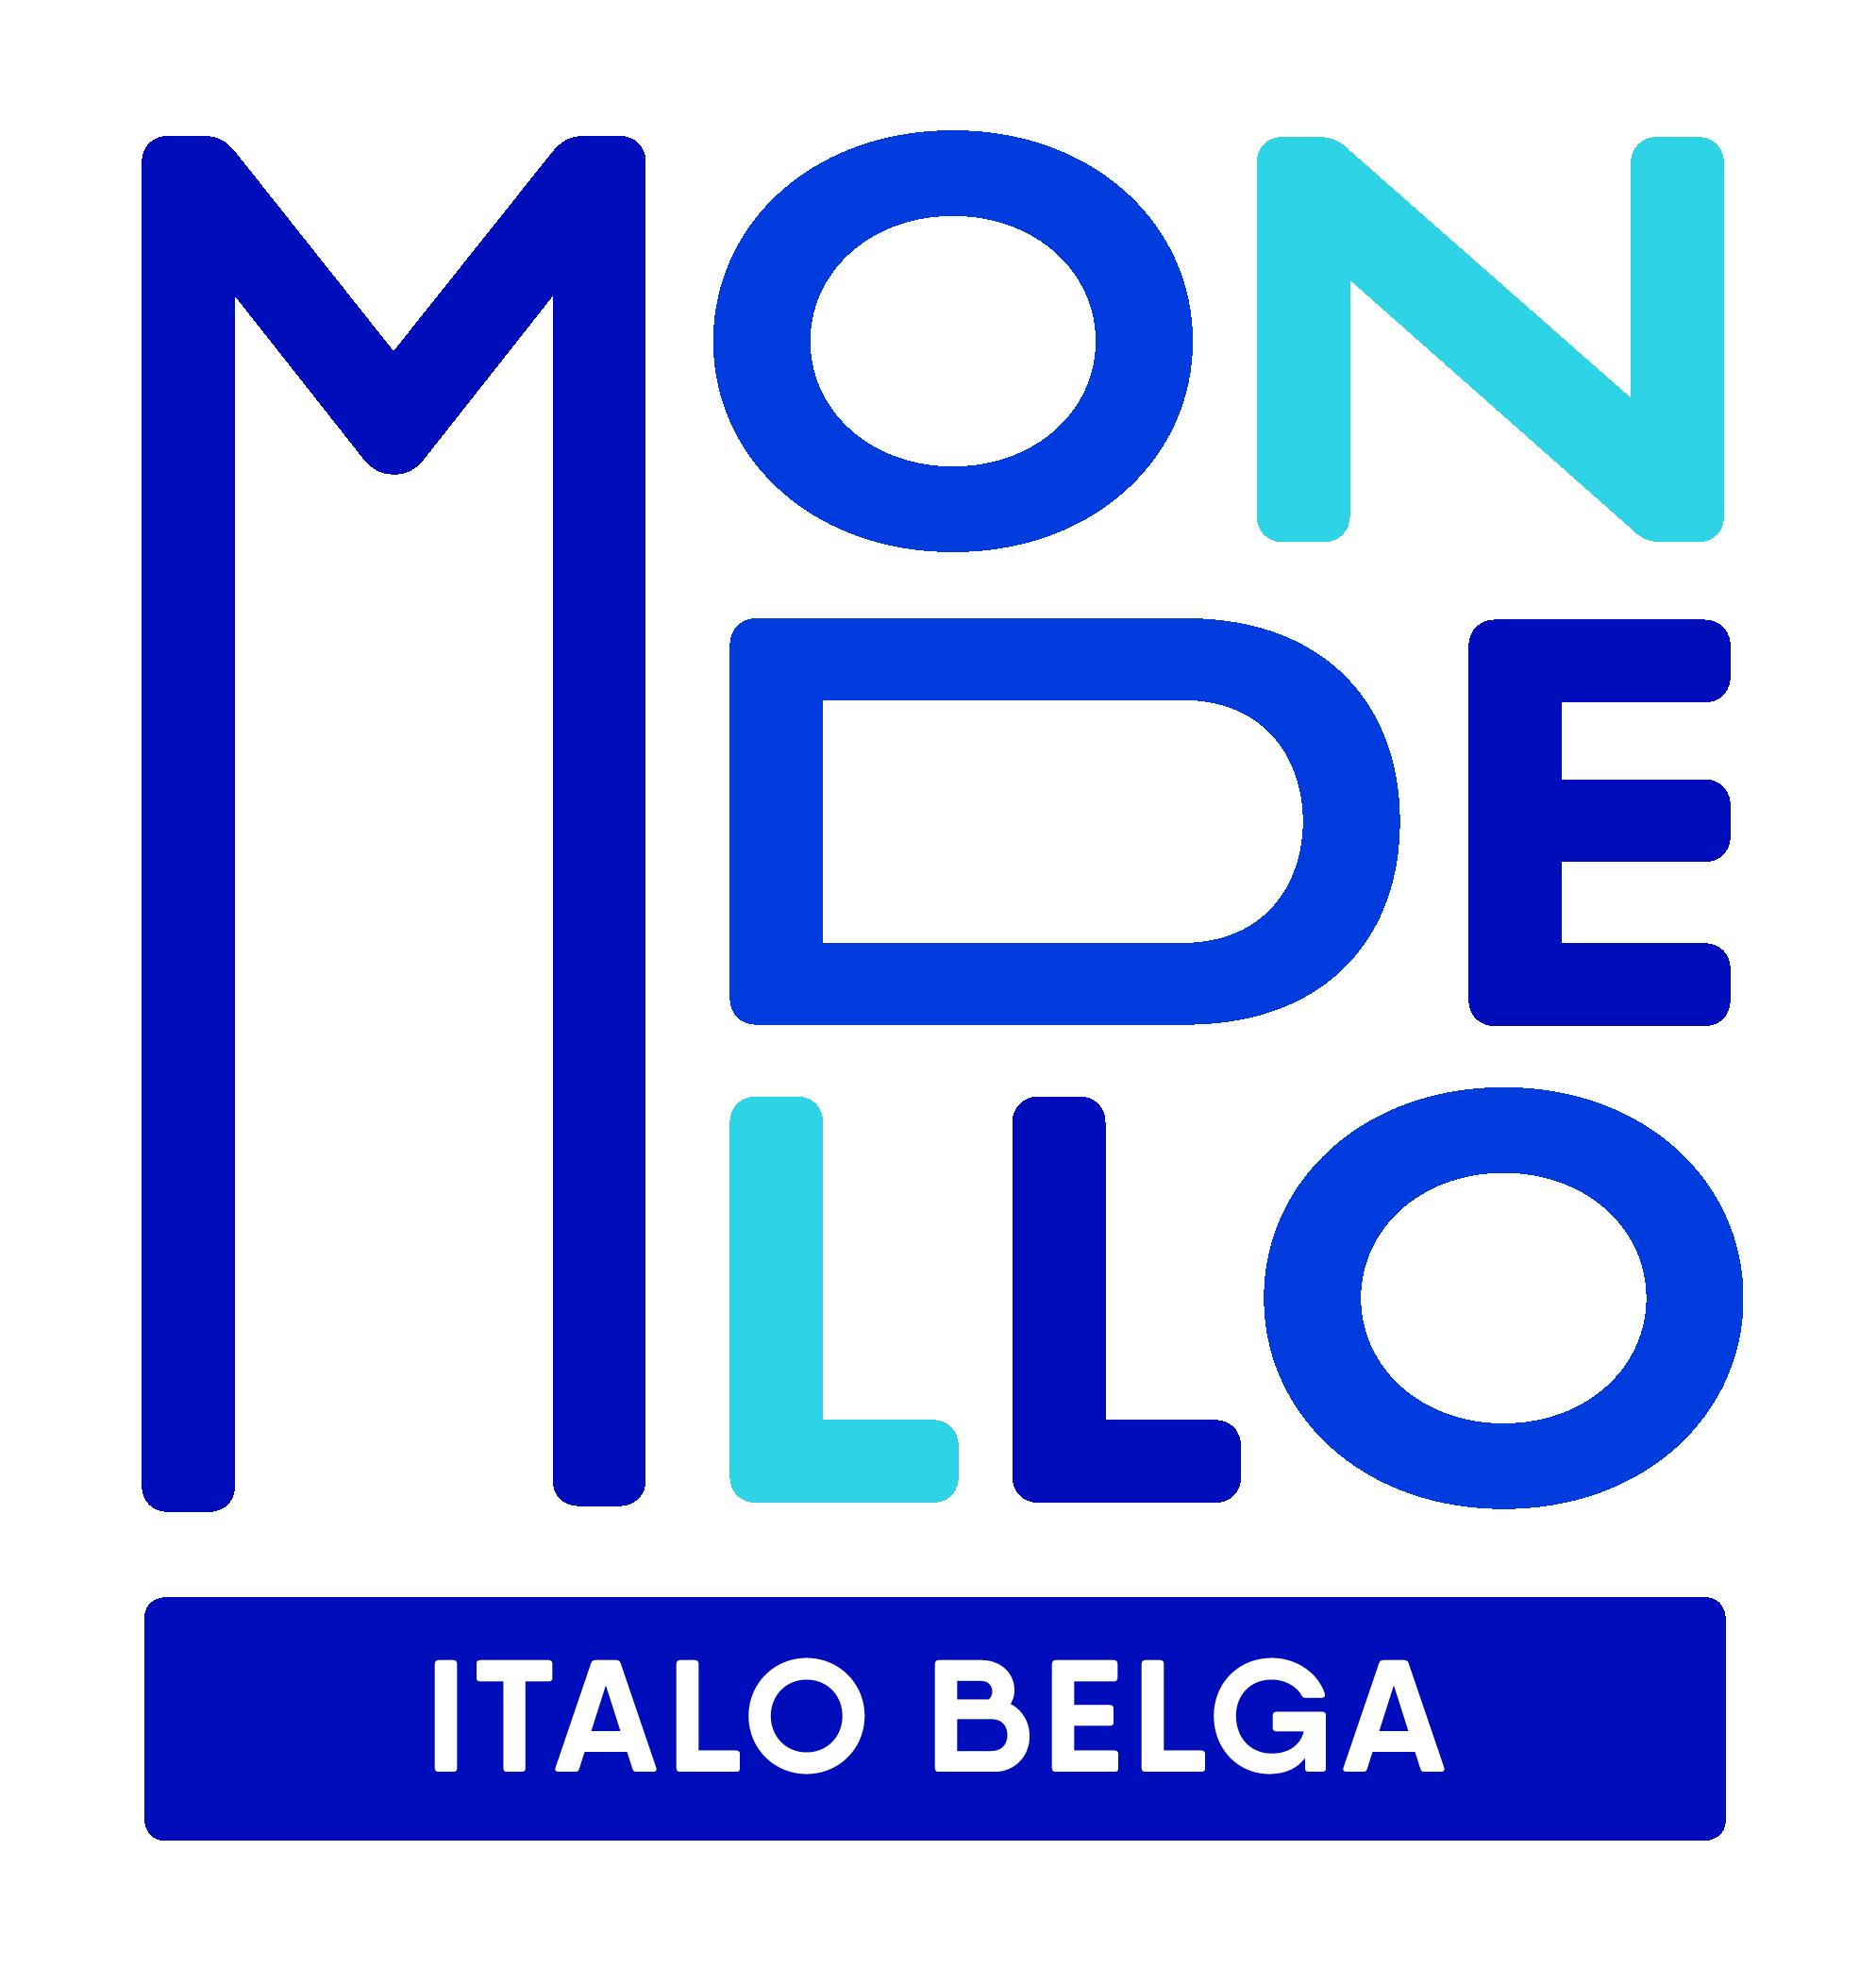 mondello immobiliare italo belga